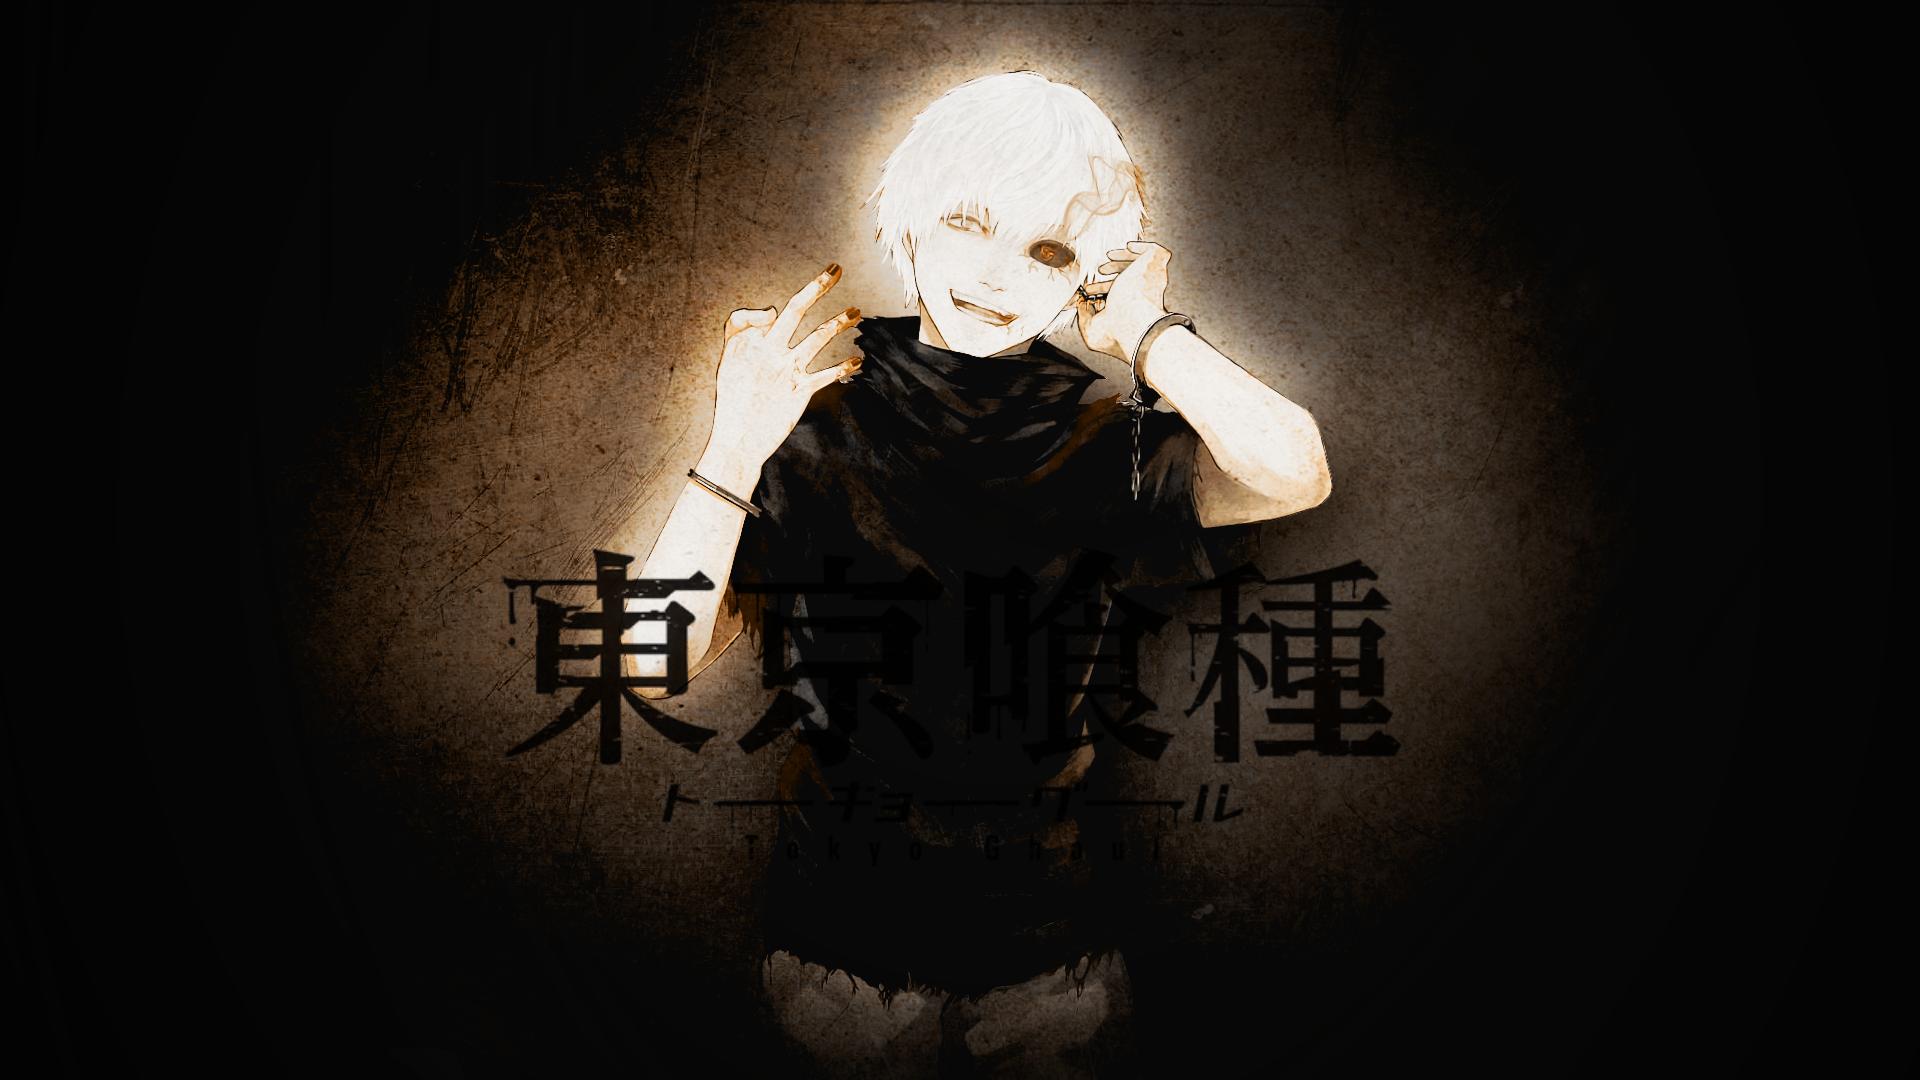 kaneki ken tokyo ghoul wallpaper - photo #31